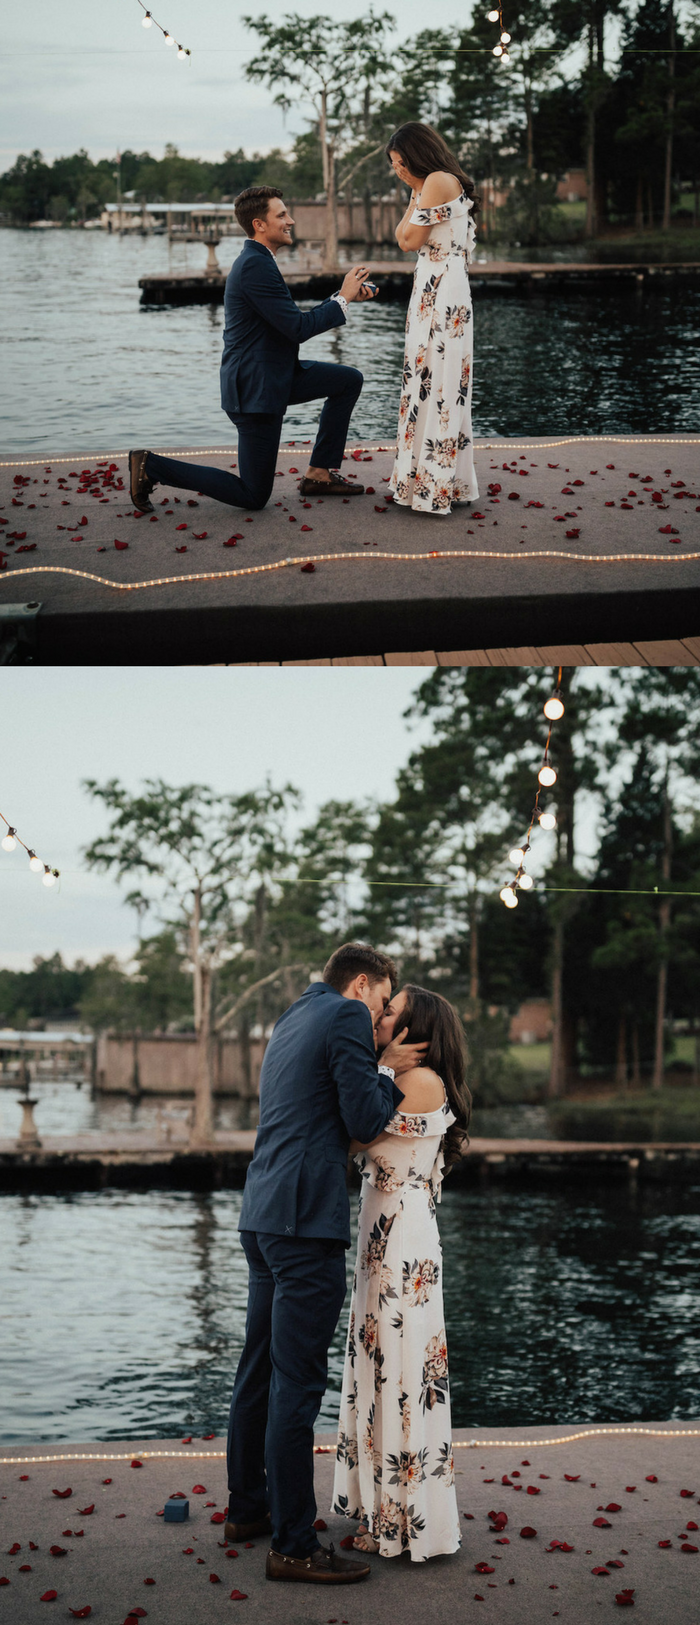 best wedding proposals - 700×1625